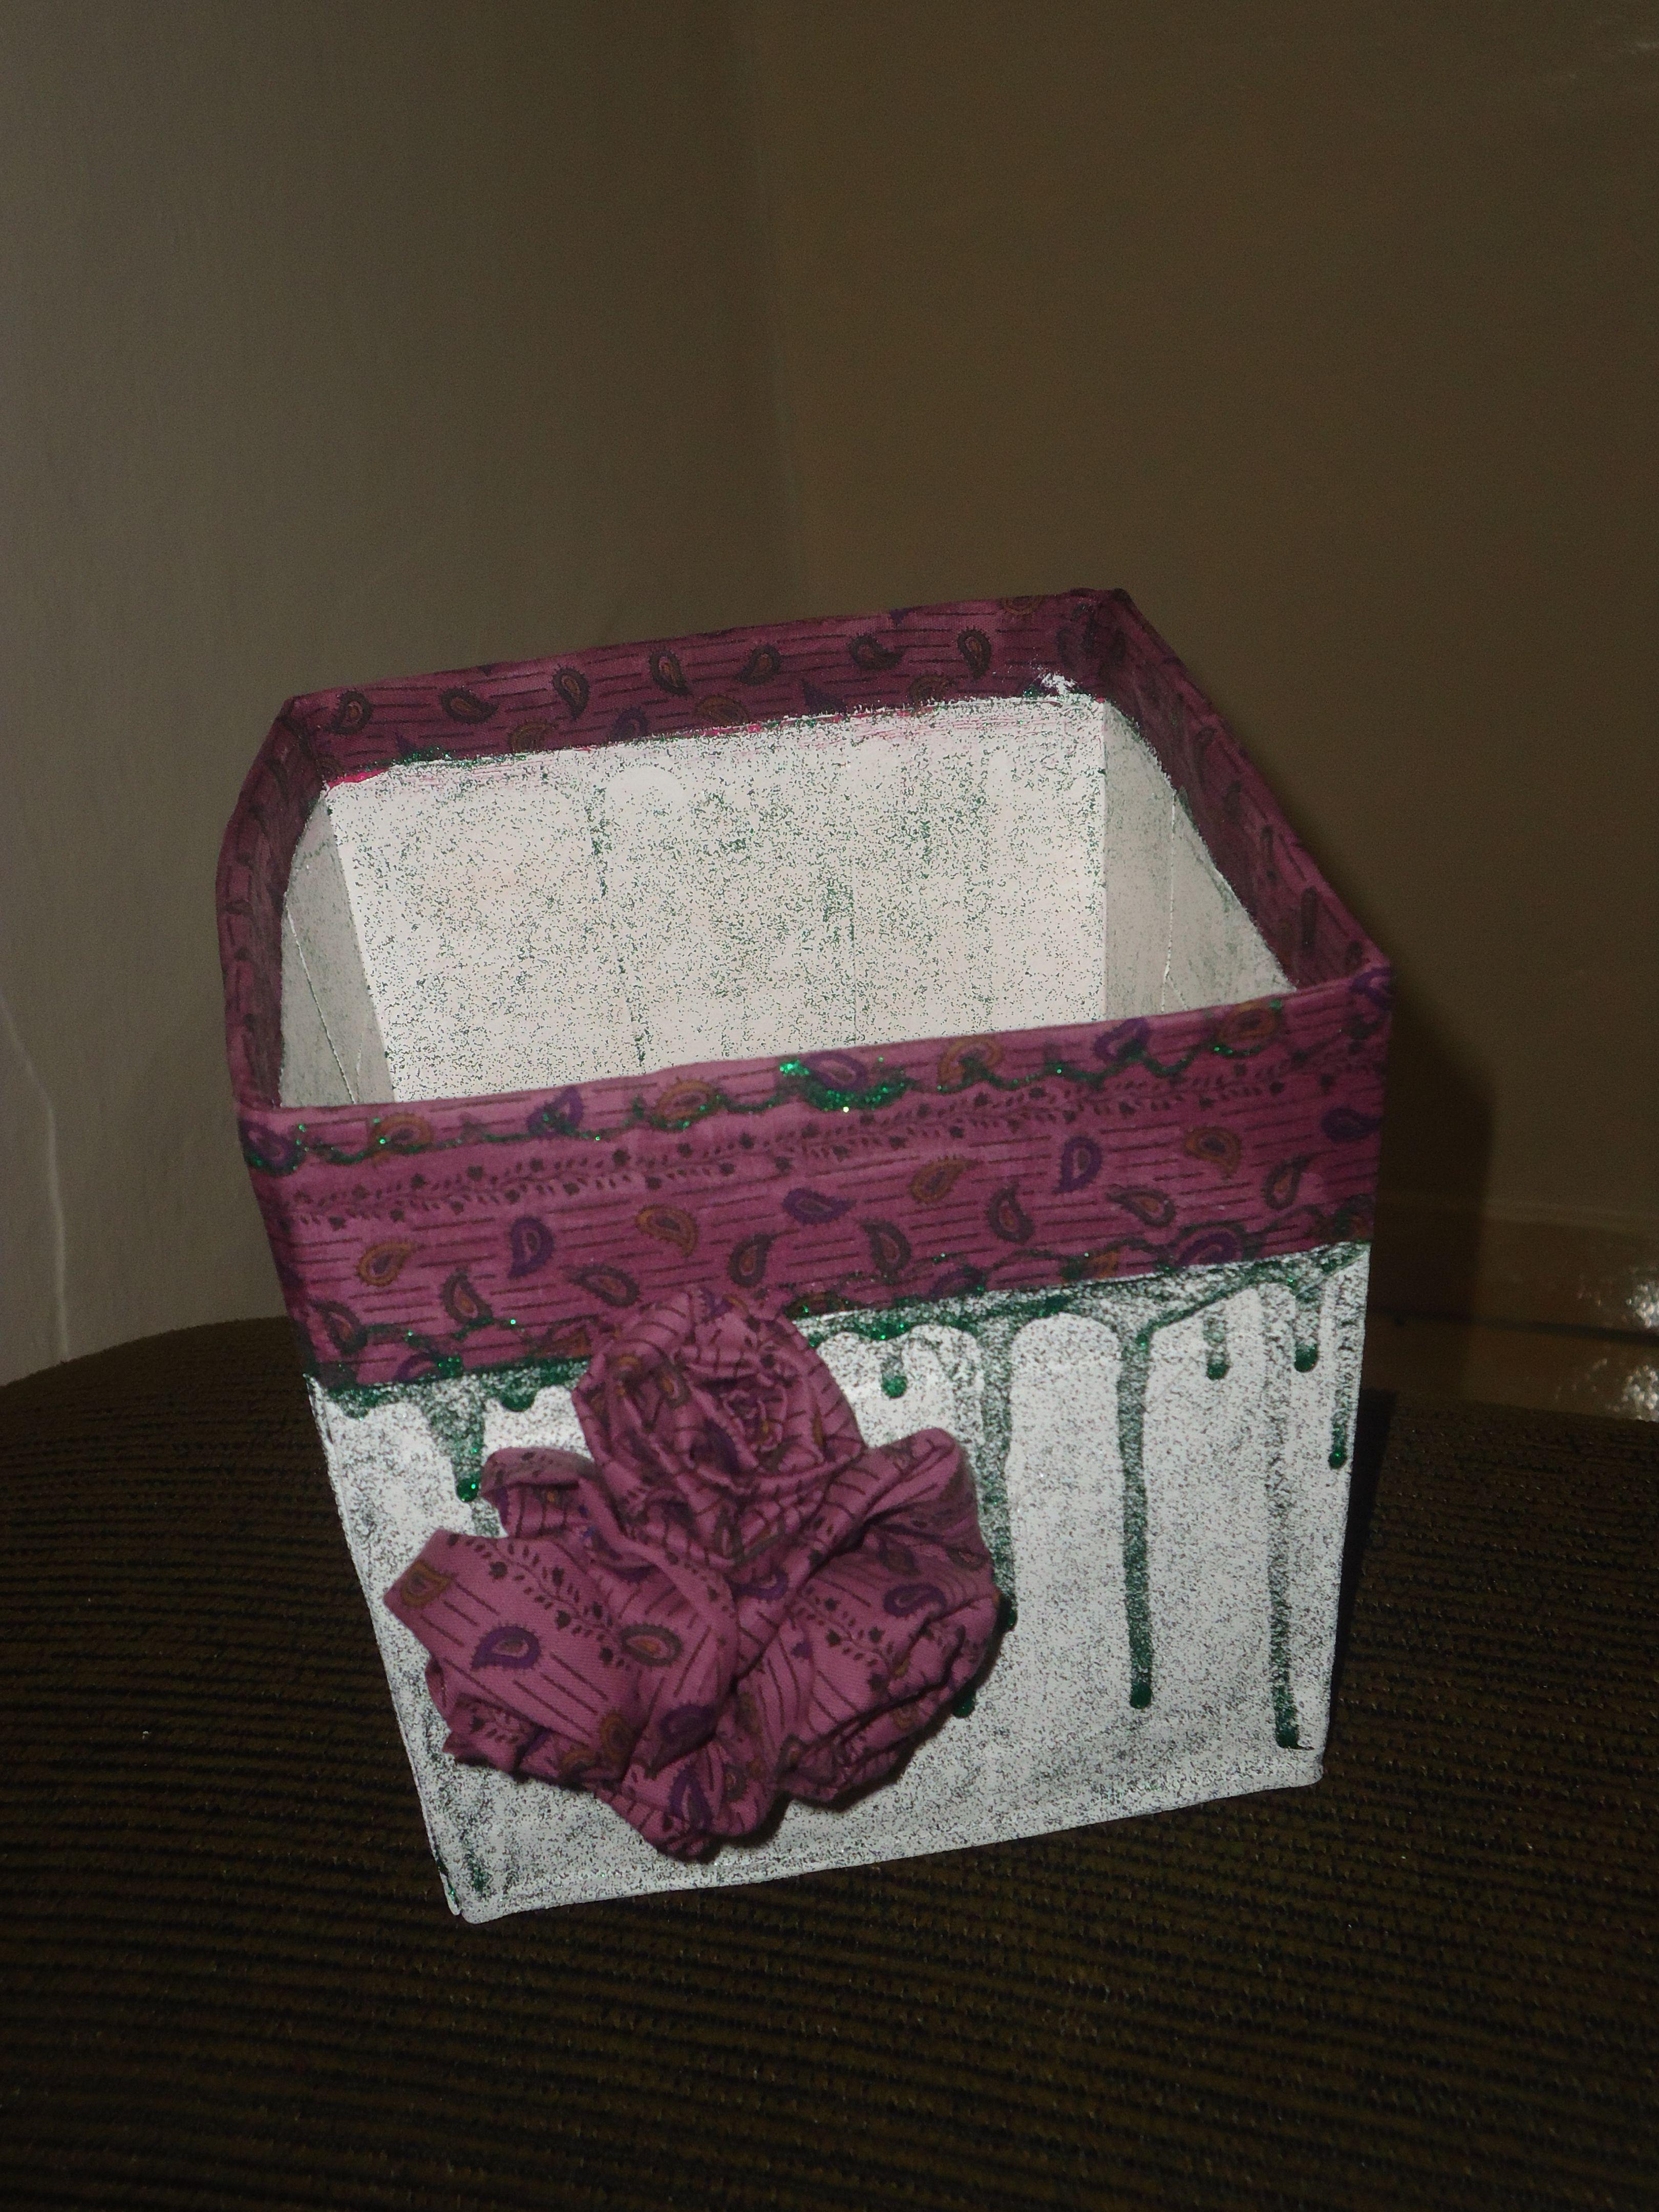 Vaso feito c embalagem de panetone